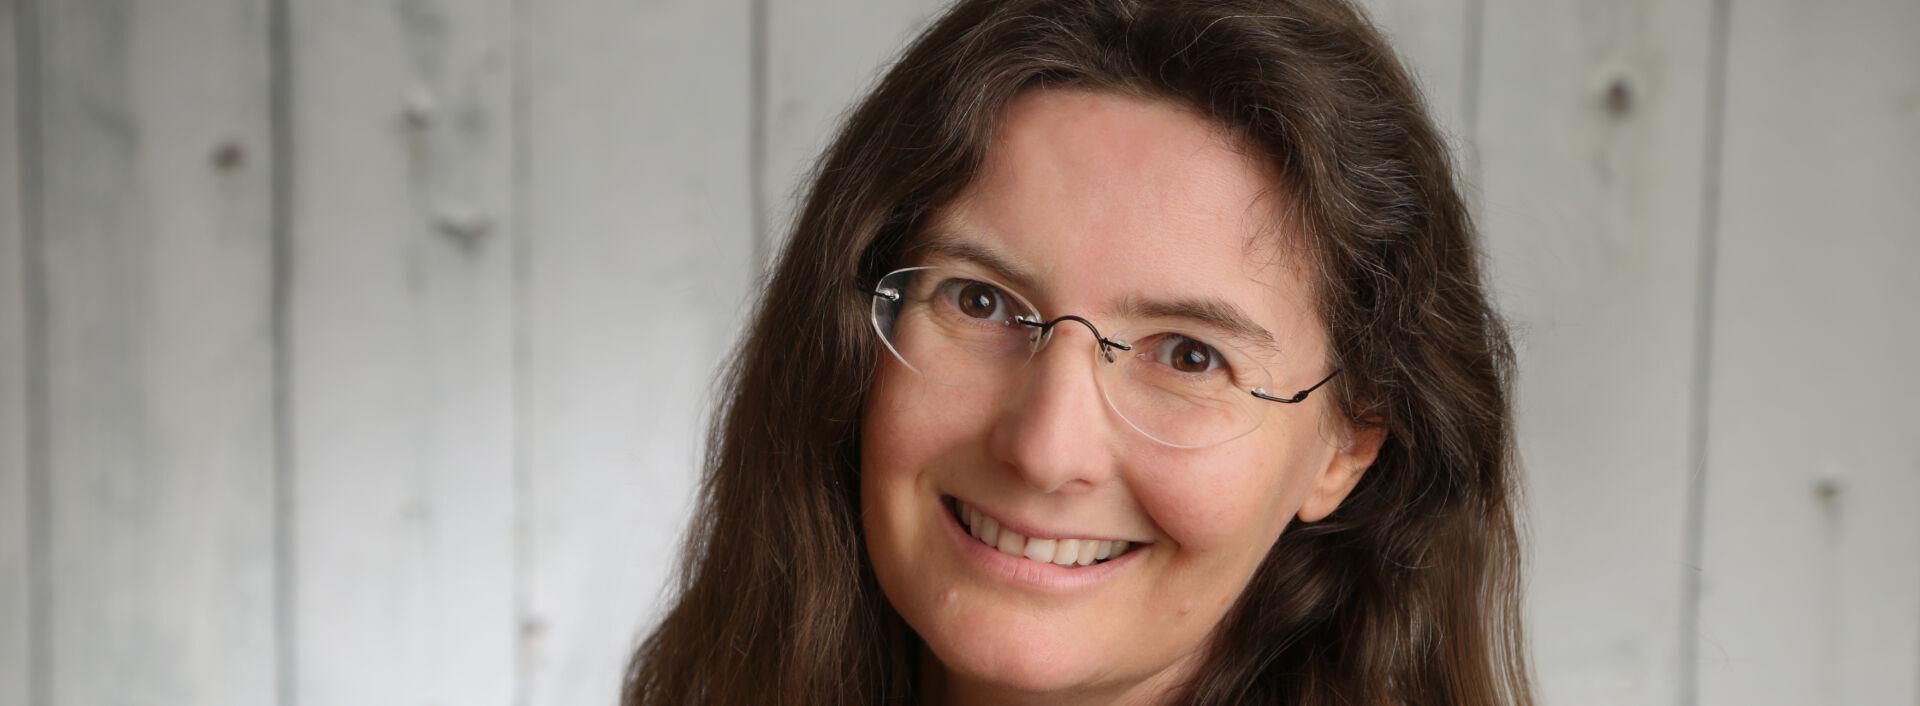 Silvia Straub, Psychotherapie Darmstadt, Angststörungen, Depression